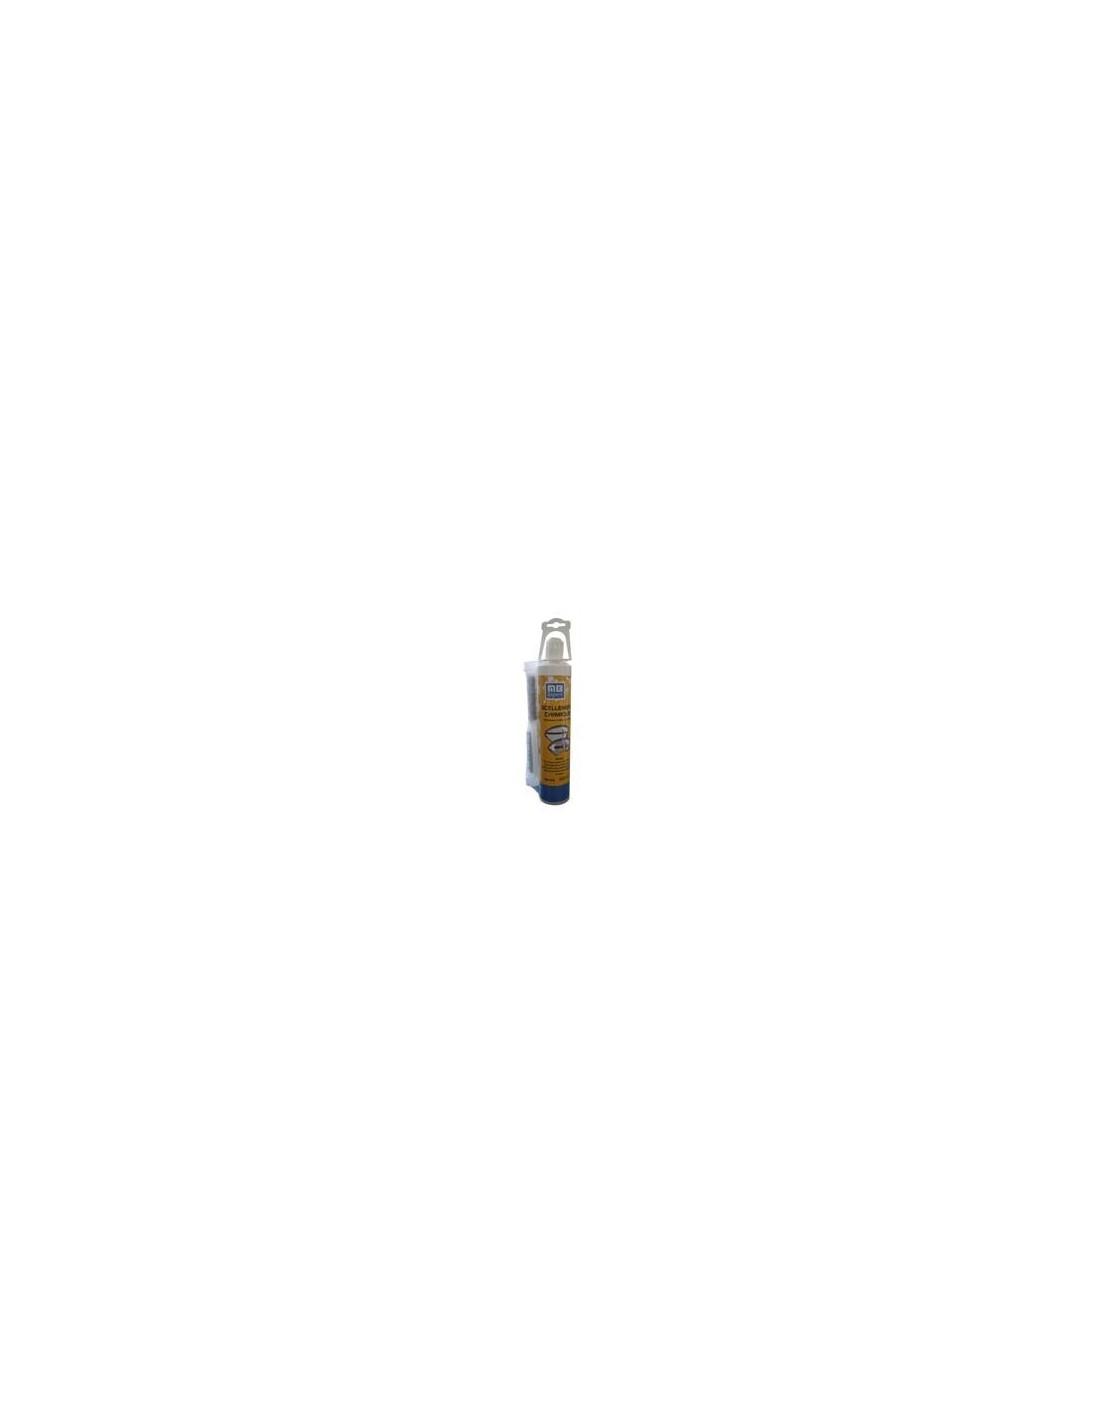 Scellement chimique cartouche 300 ml ebay - Cartouche scellement chimique ...